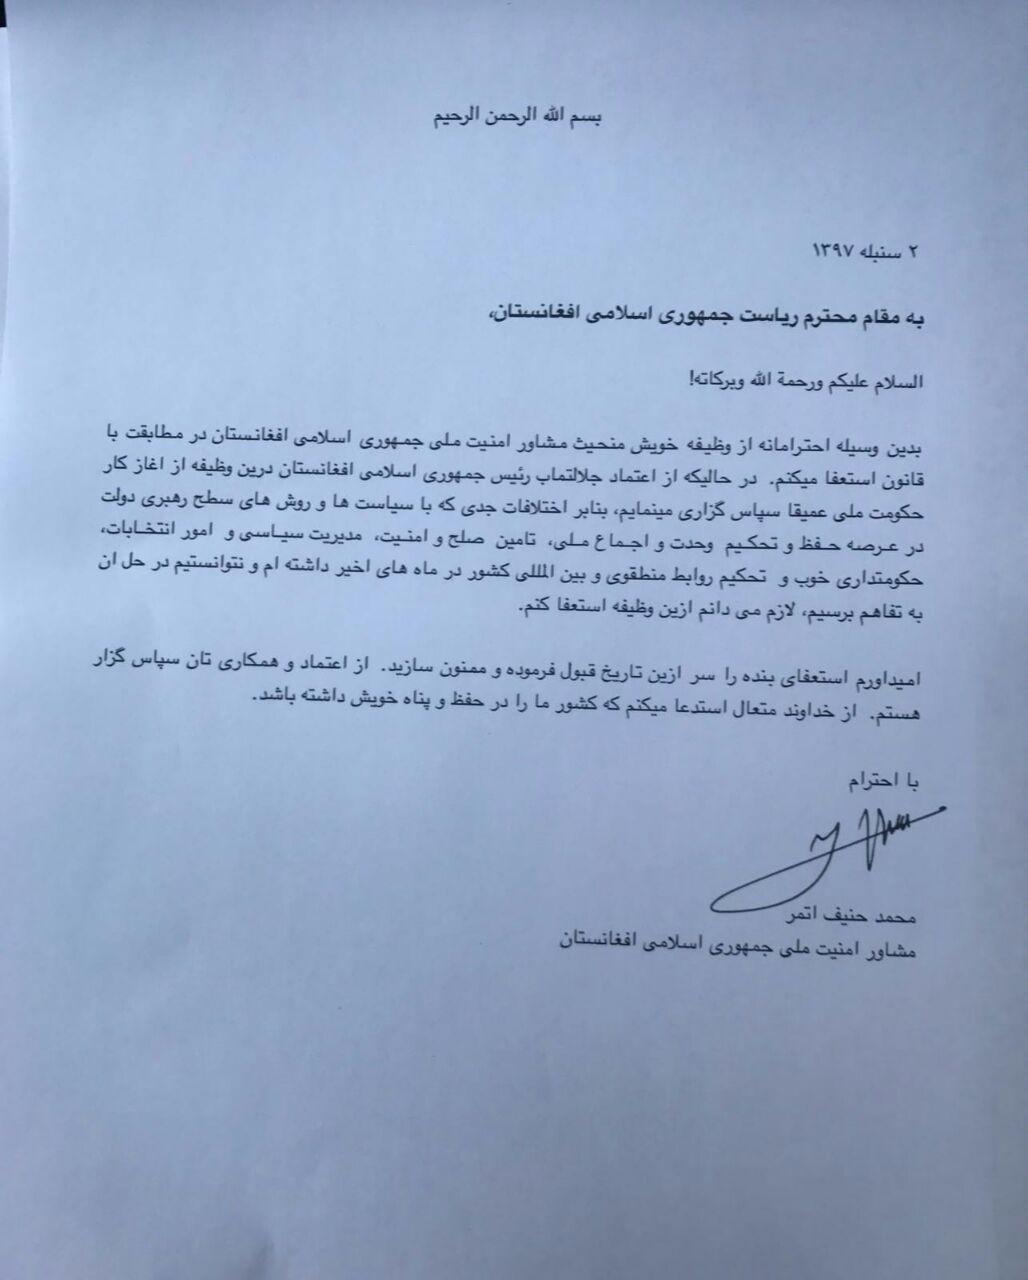 hanif atmar resign paper